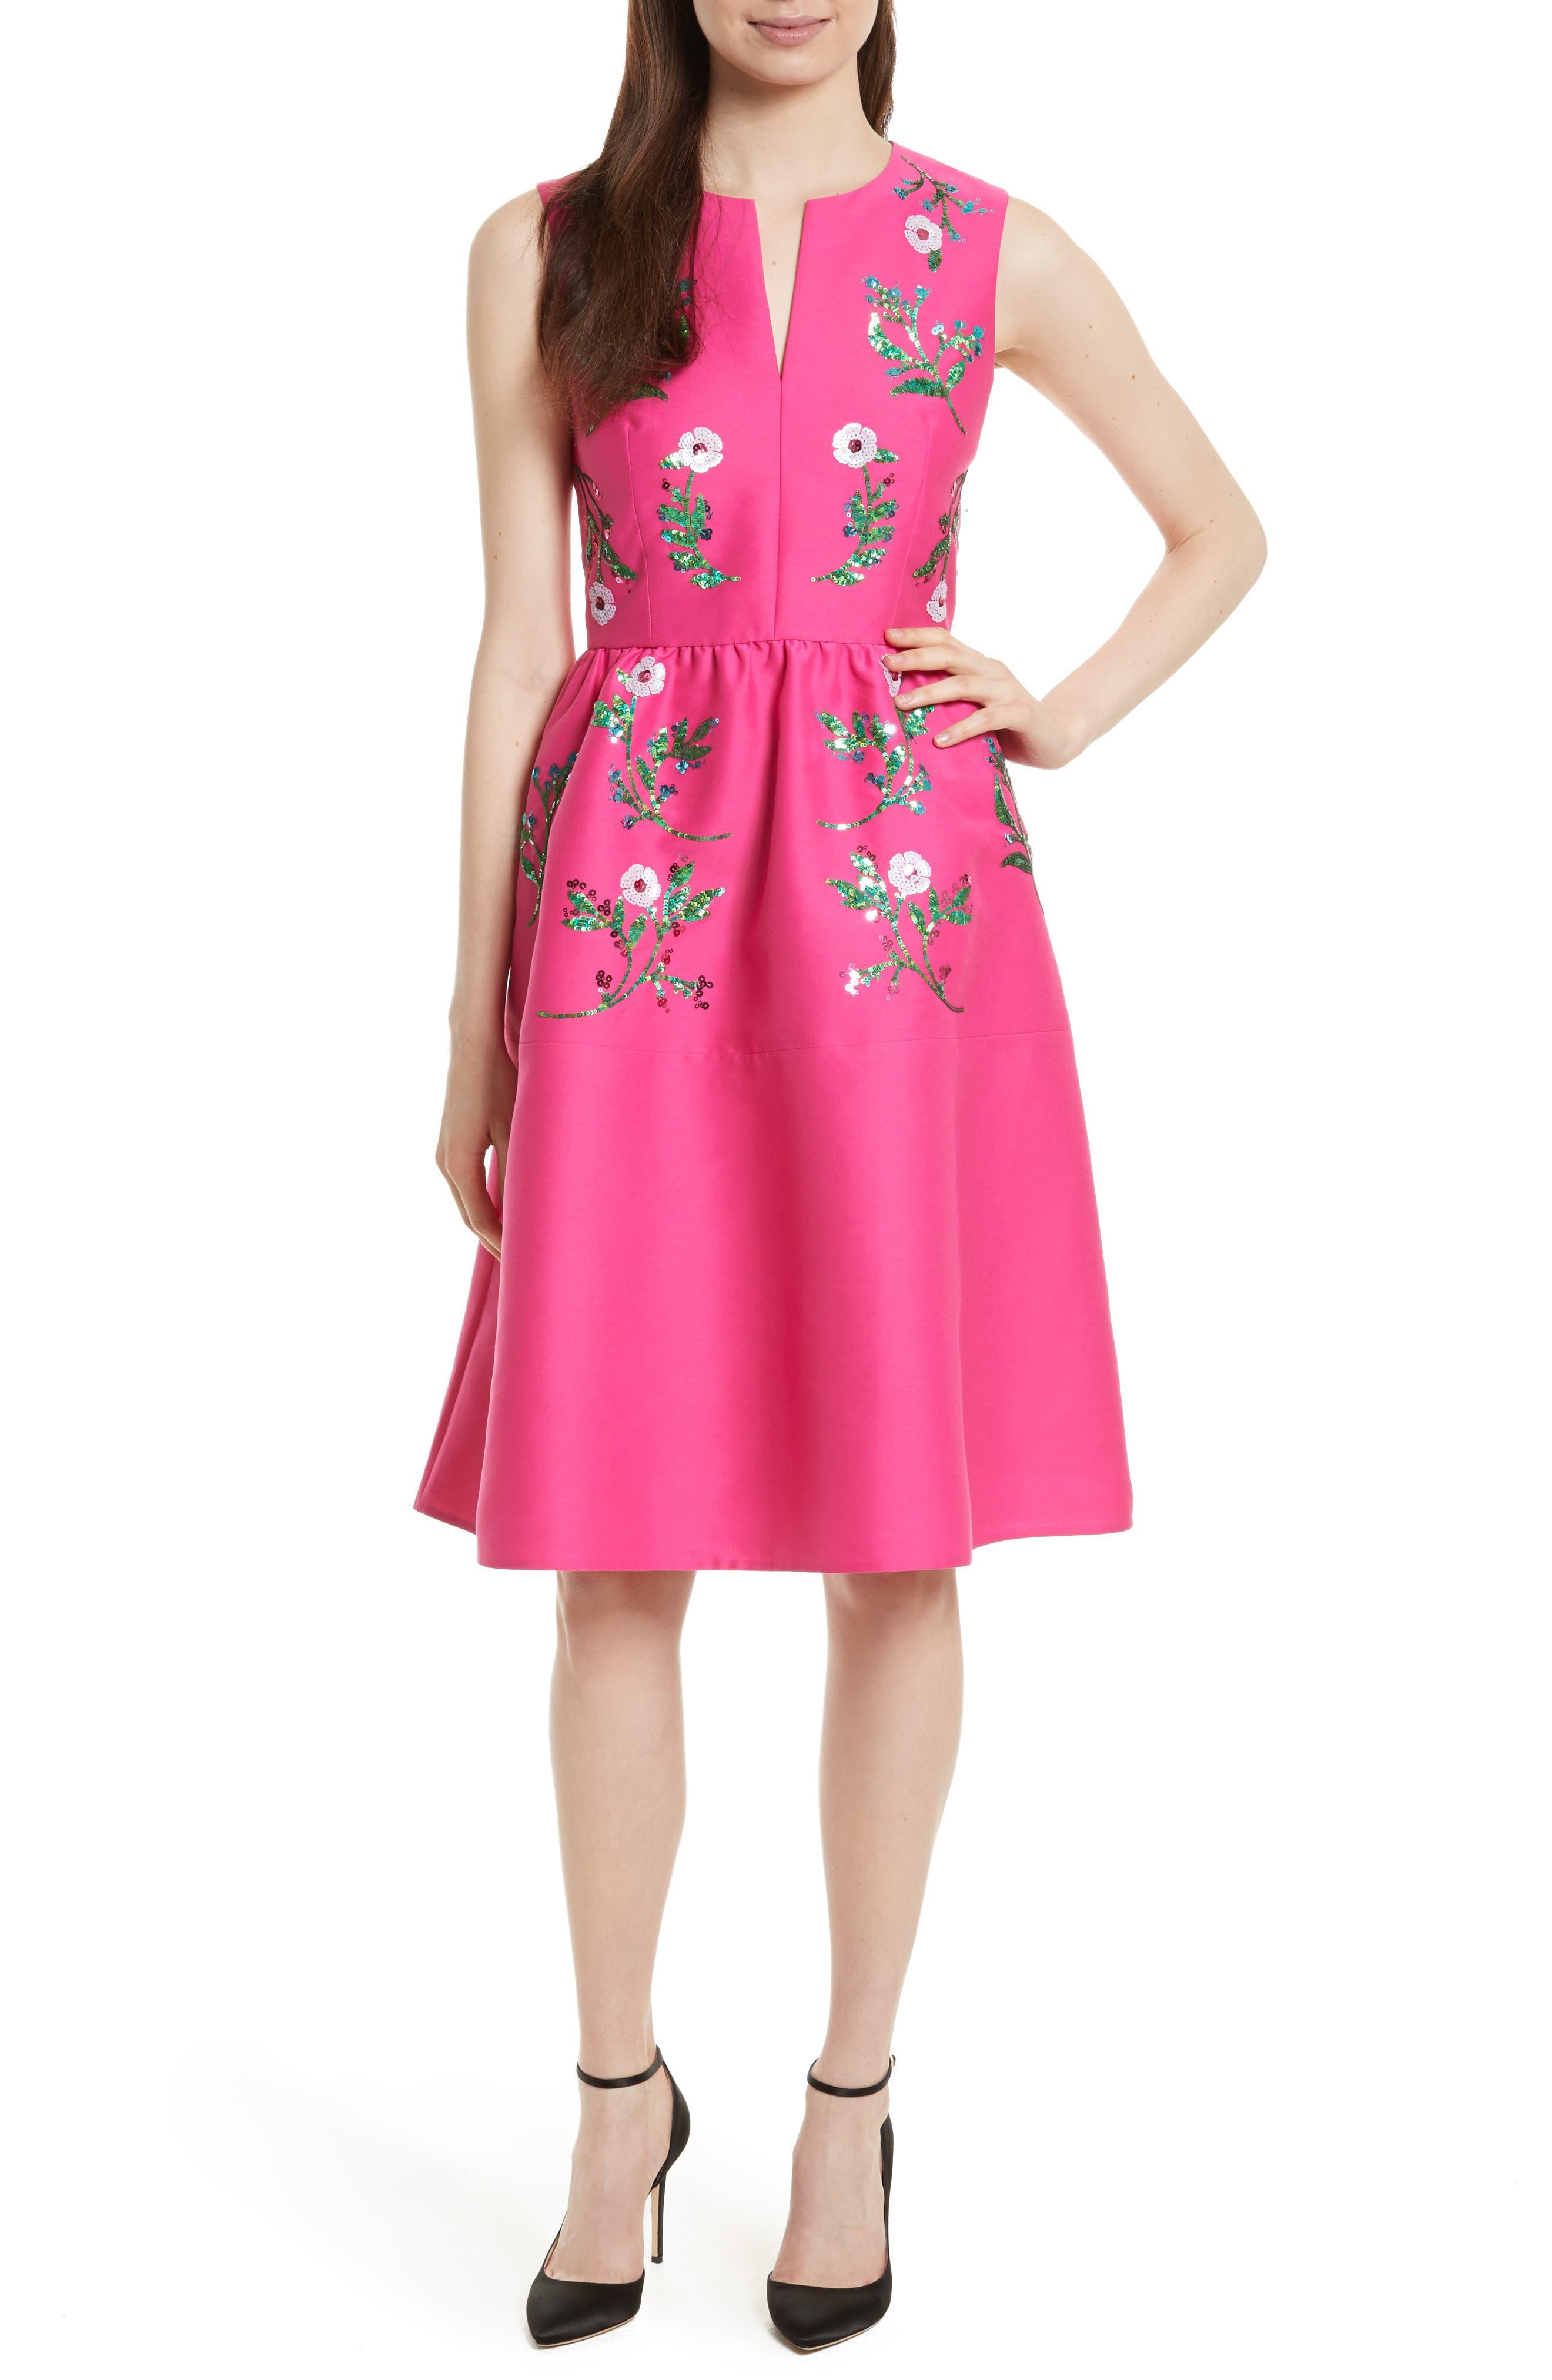 Main Image - kate spade new york floral embellished fit & flare dress